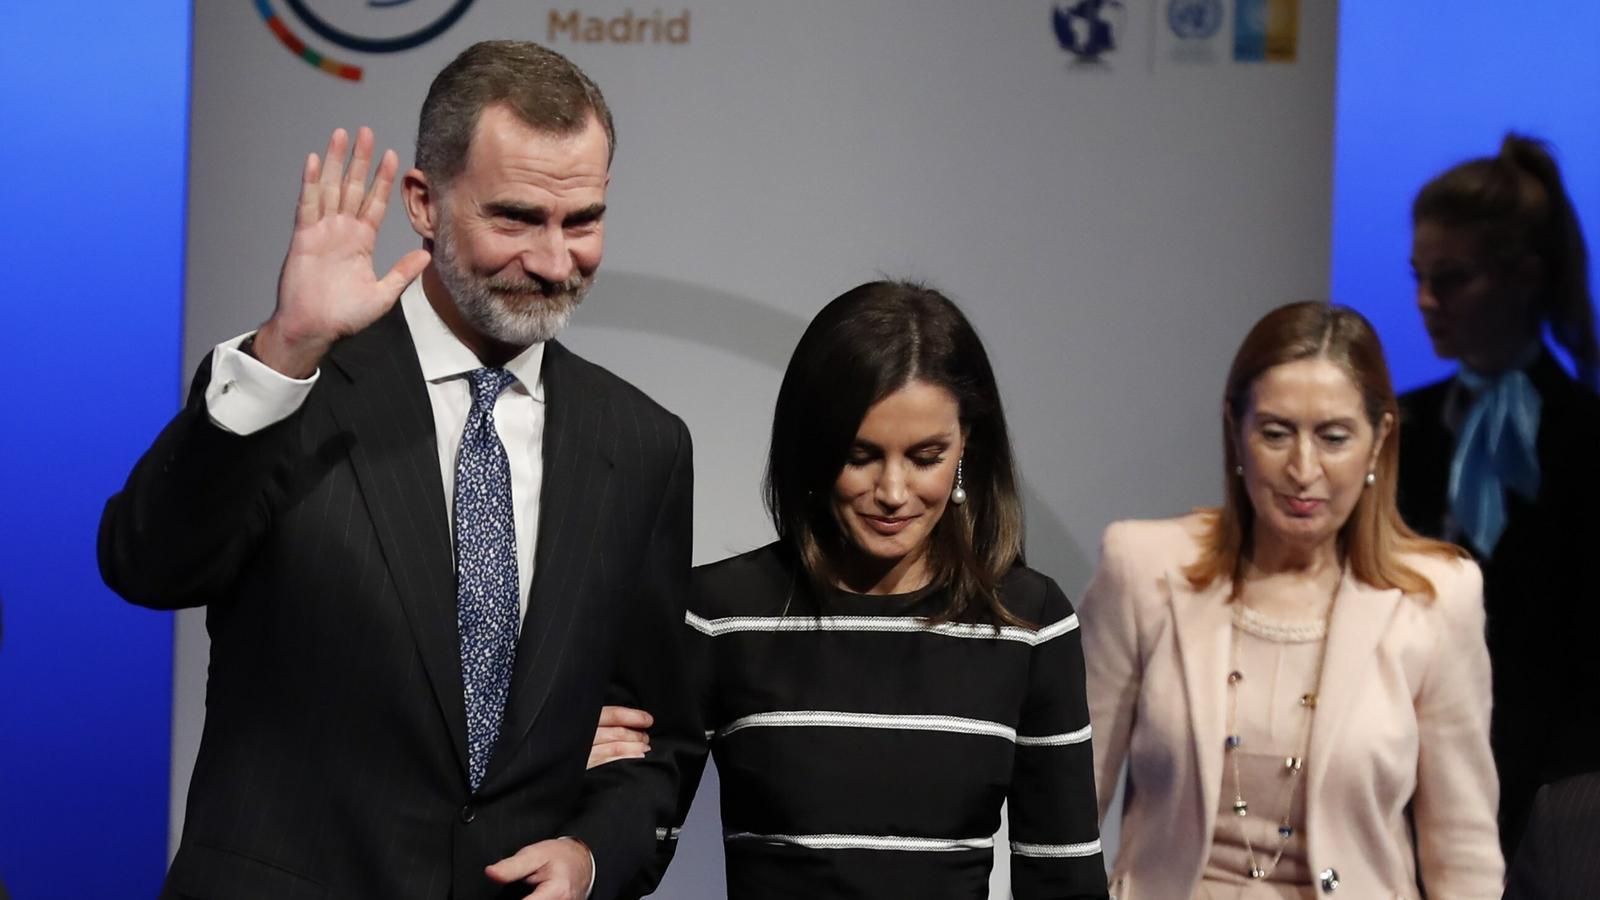 Felip VI rep el Premi de la Pau i la Llibertat al Congrés Mundial del Dret mentre se celebra el judici al Procés